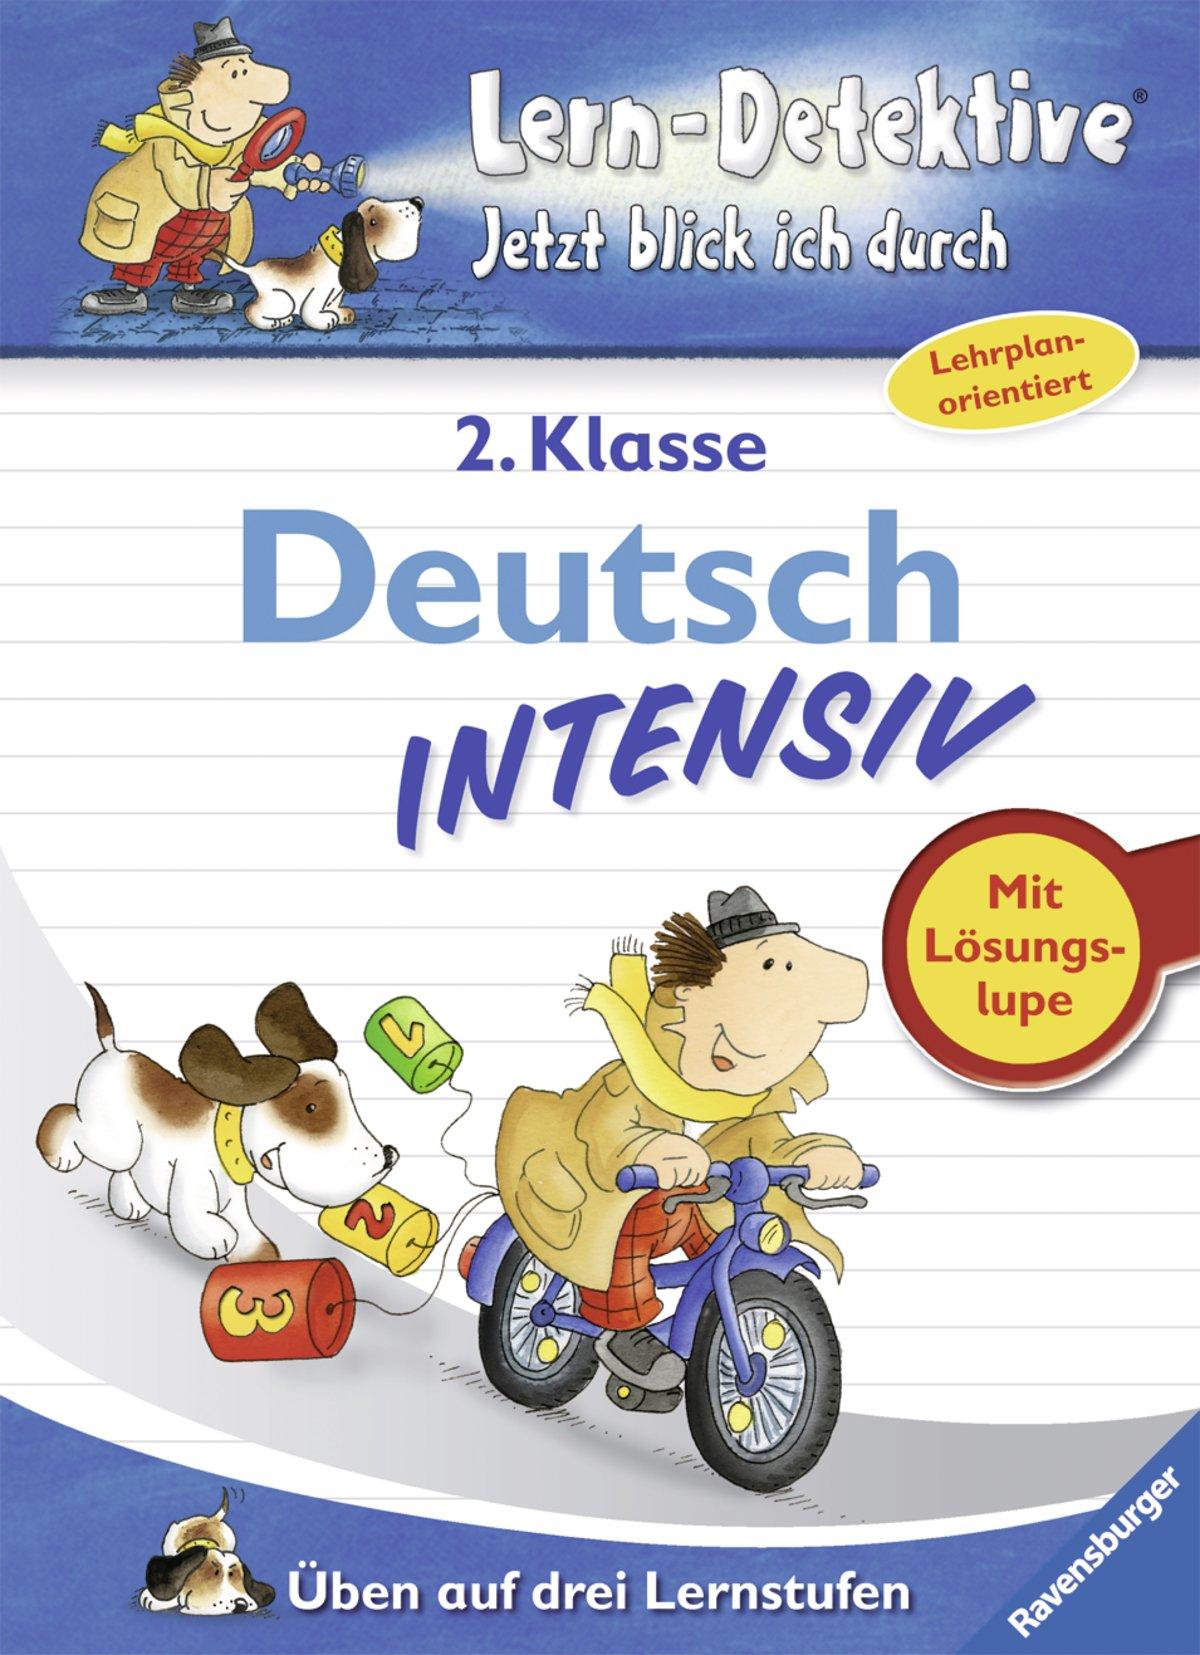 deutsch-intensiv-2-klasse-ben-auf-drei-lernstufen-lern-detektive-jetzt-blick-ich-durch